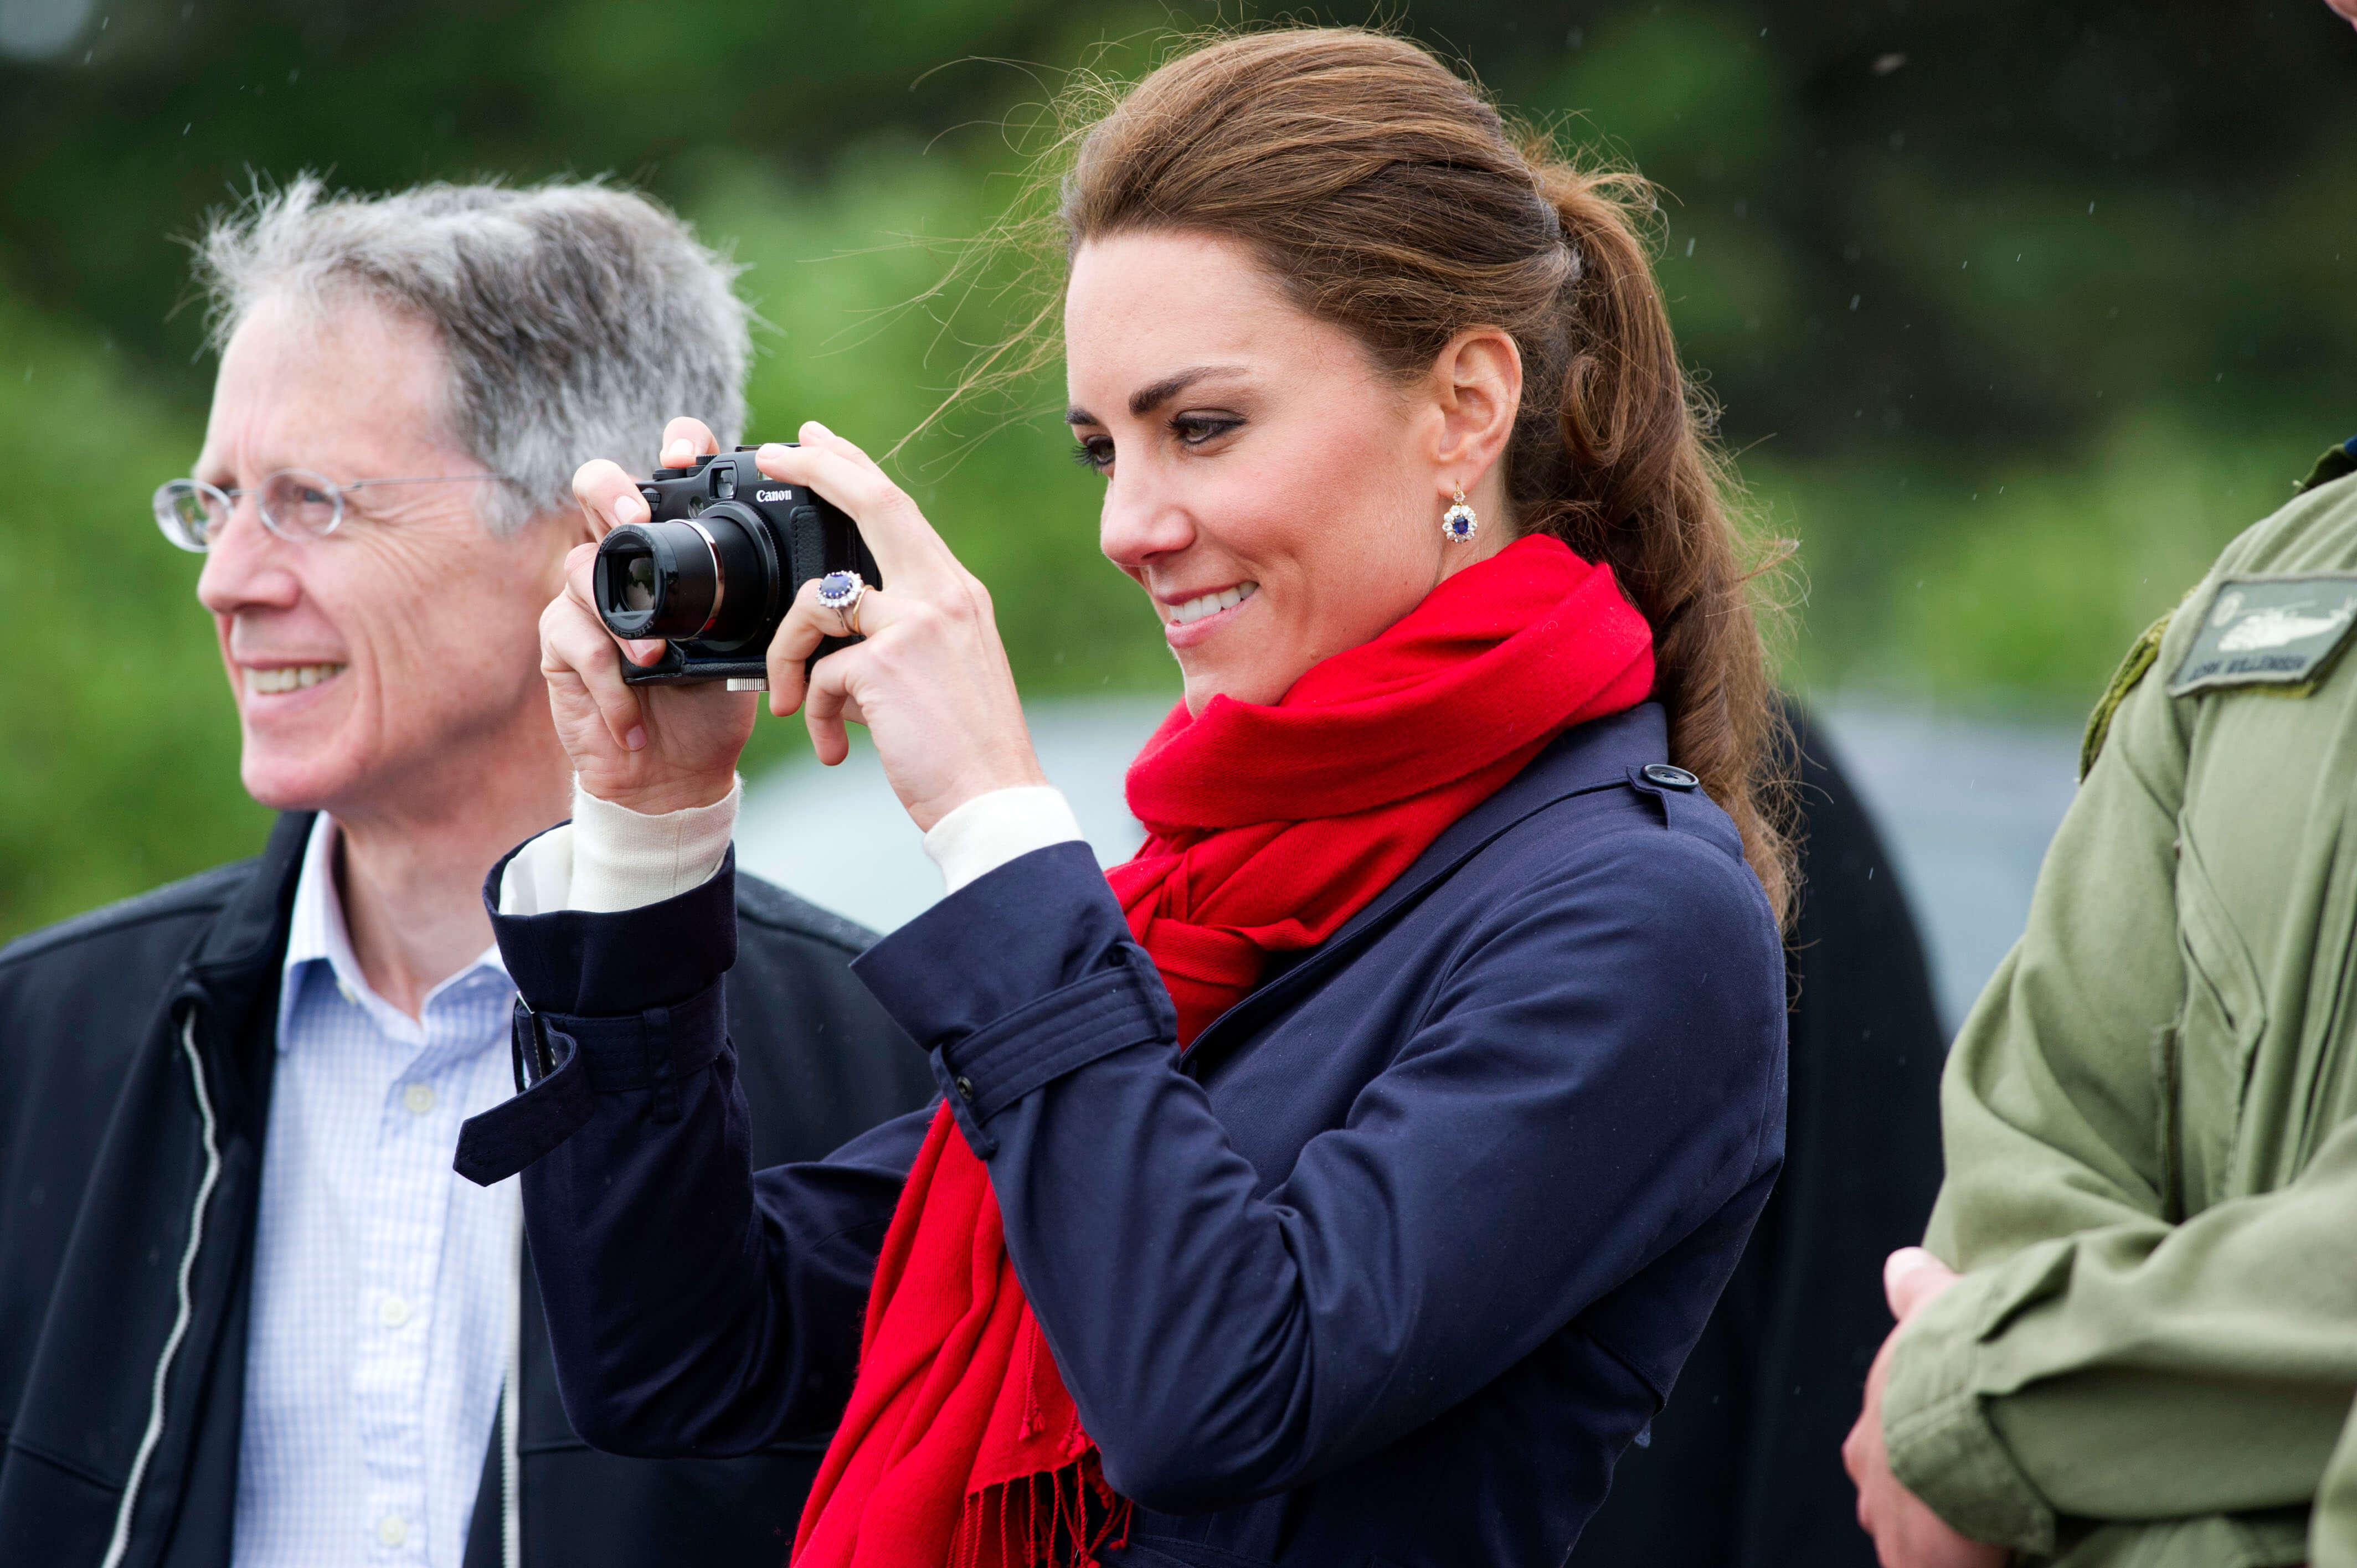 Кейт Миддлтон зачислили в ряды королевских фотографов-320x180